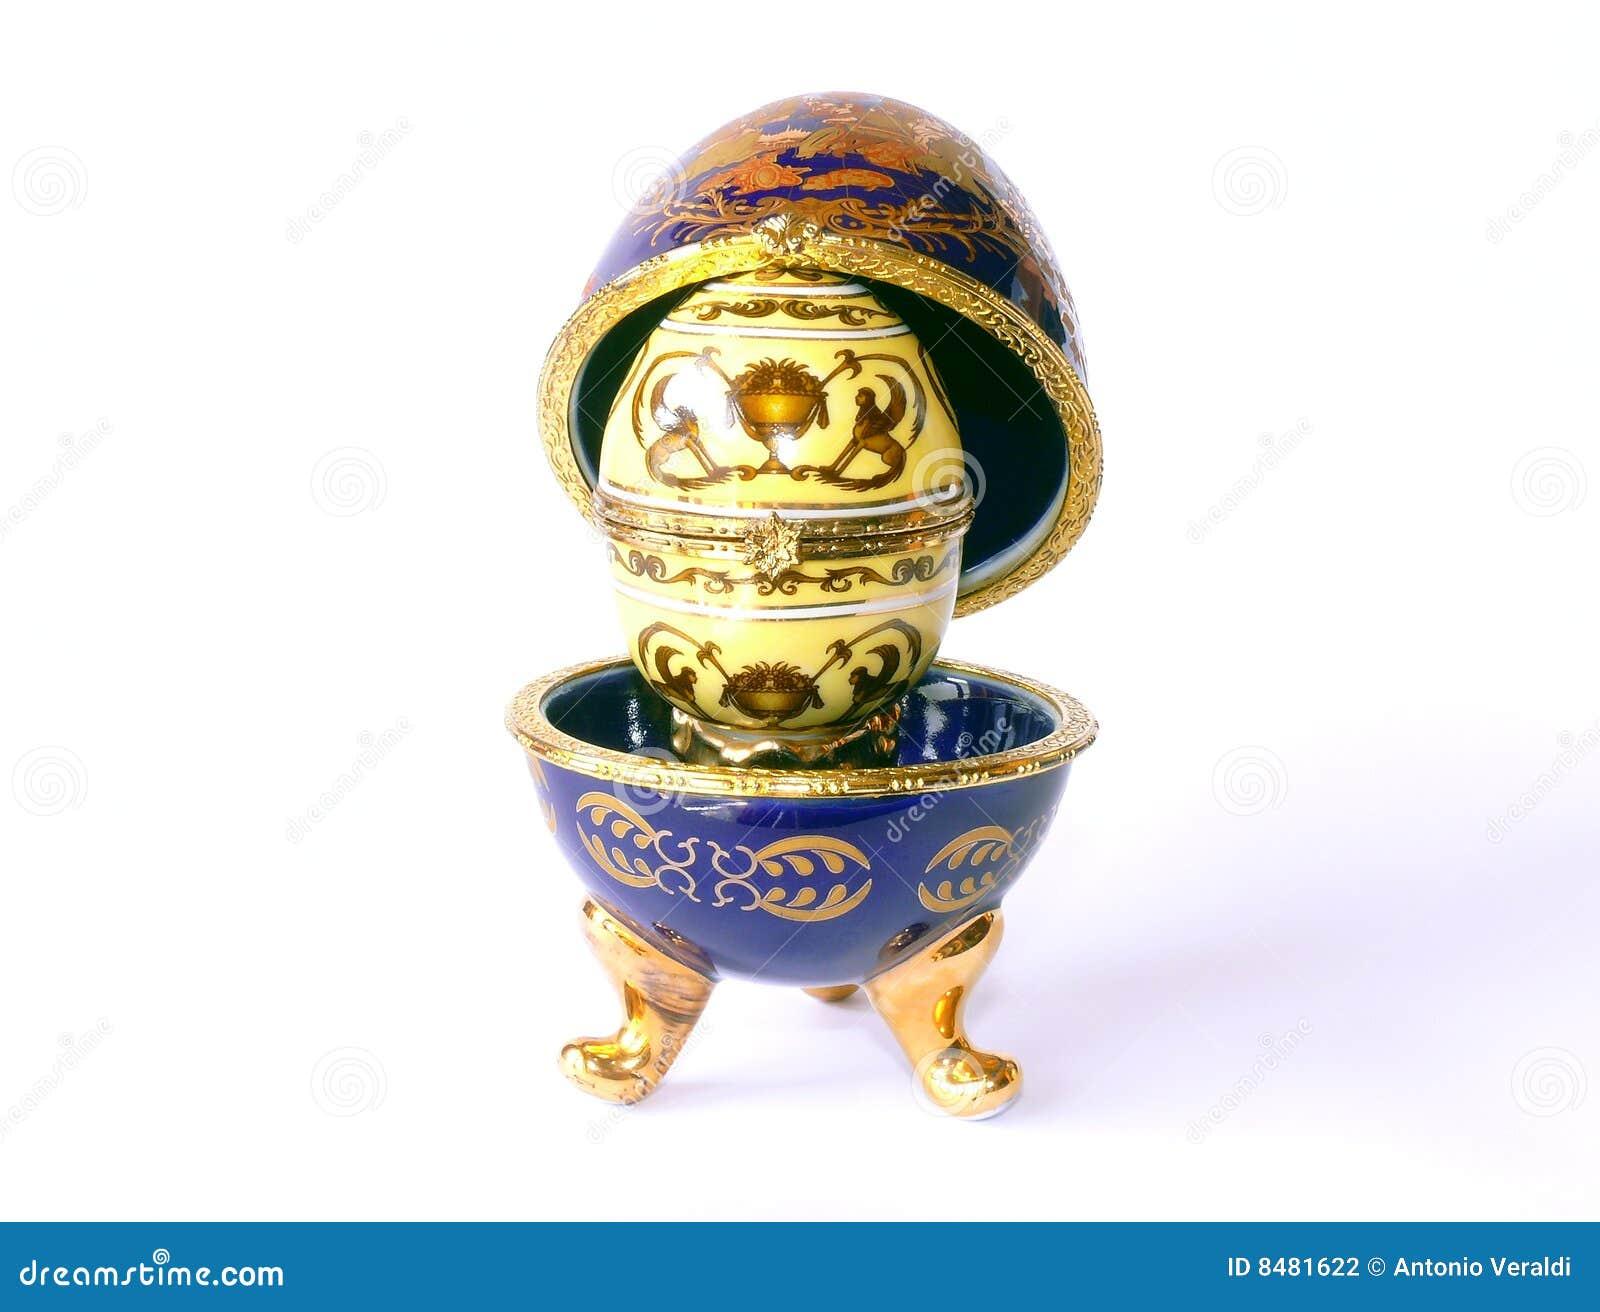 Uova Di Pasqua Ceramica.Uova Di Pasqua Di Ceramica Fotografia Stock Immagine Di Uova 8481622